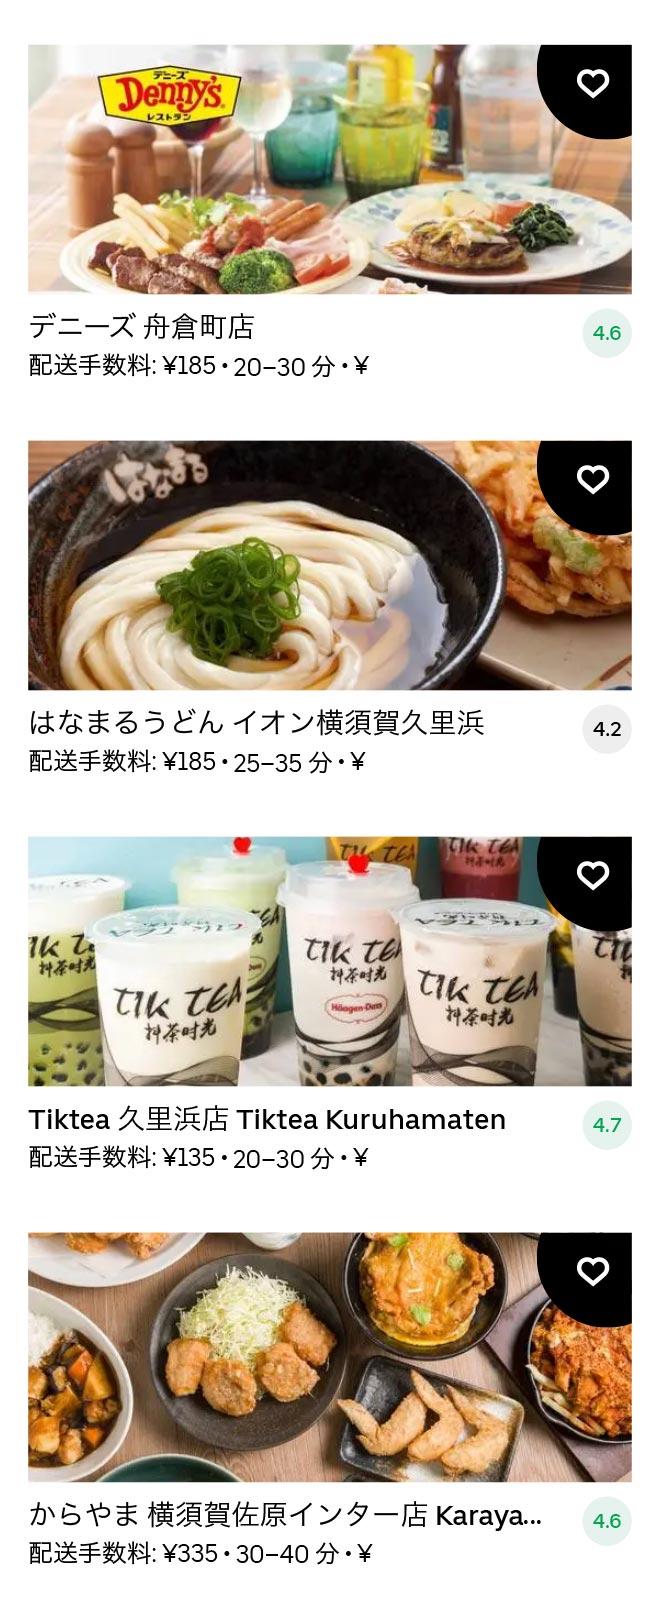 Kurihama menu 2011 02